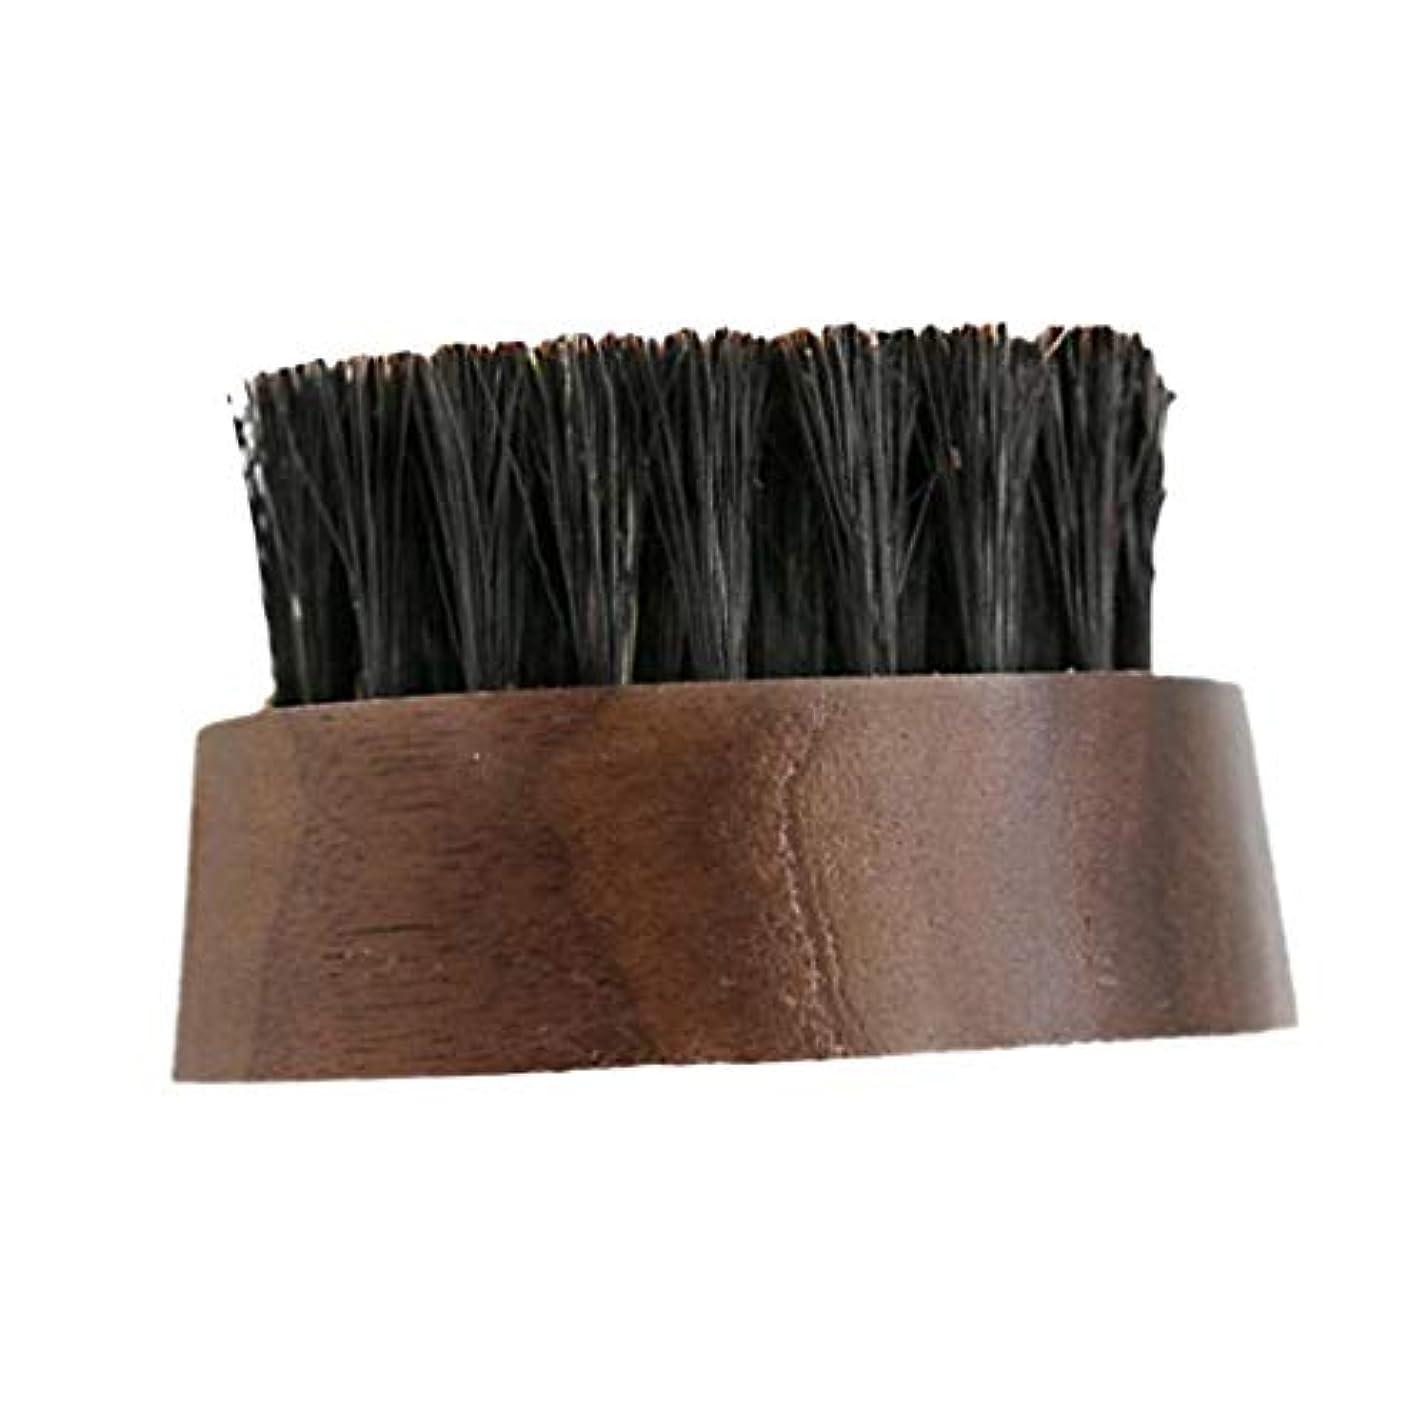 超音速ベーコン静かなdailymall 柔らかい毛ブラシシェービング木製ハンドル理髪ツール顔クリーナーブラシを剃る男性 - 褐色, 説明したように